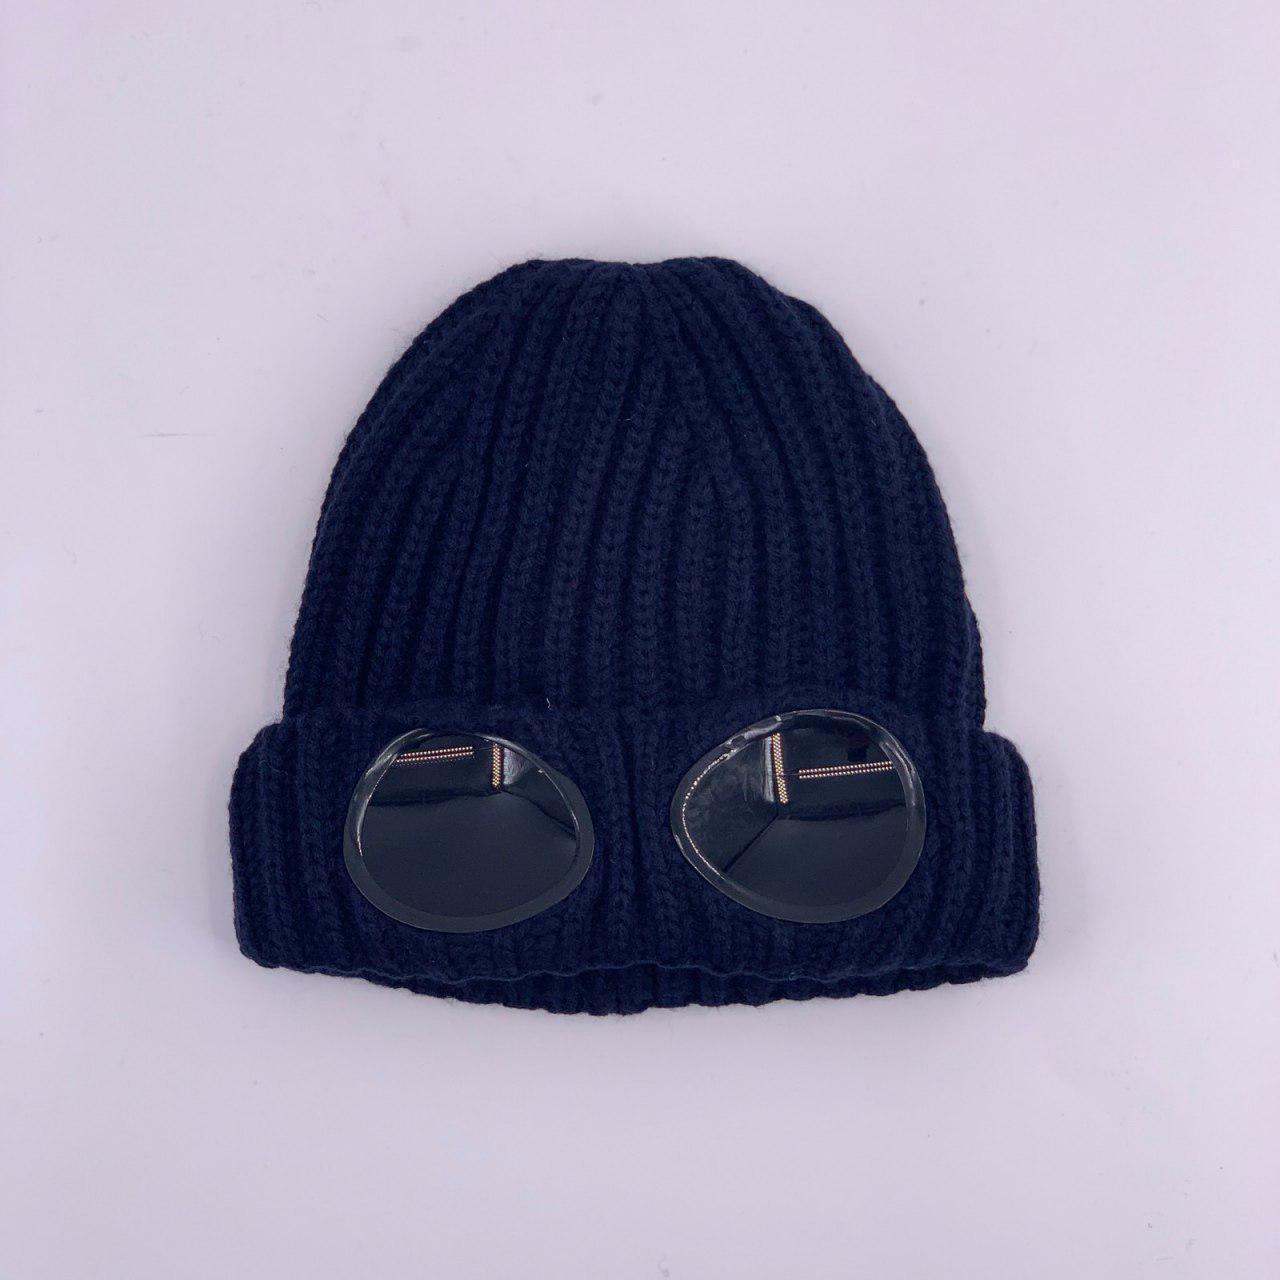 Зимняя мужская шапка синего цвета с очками